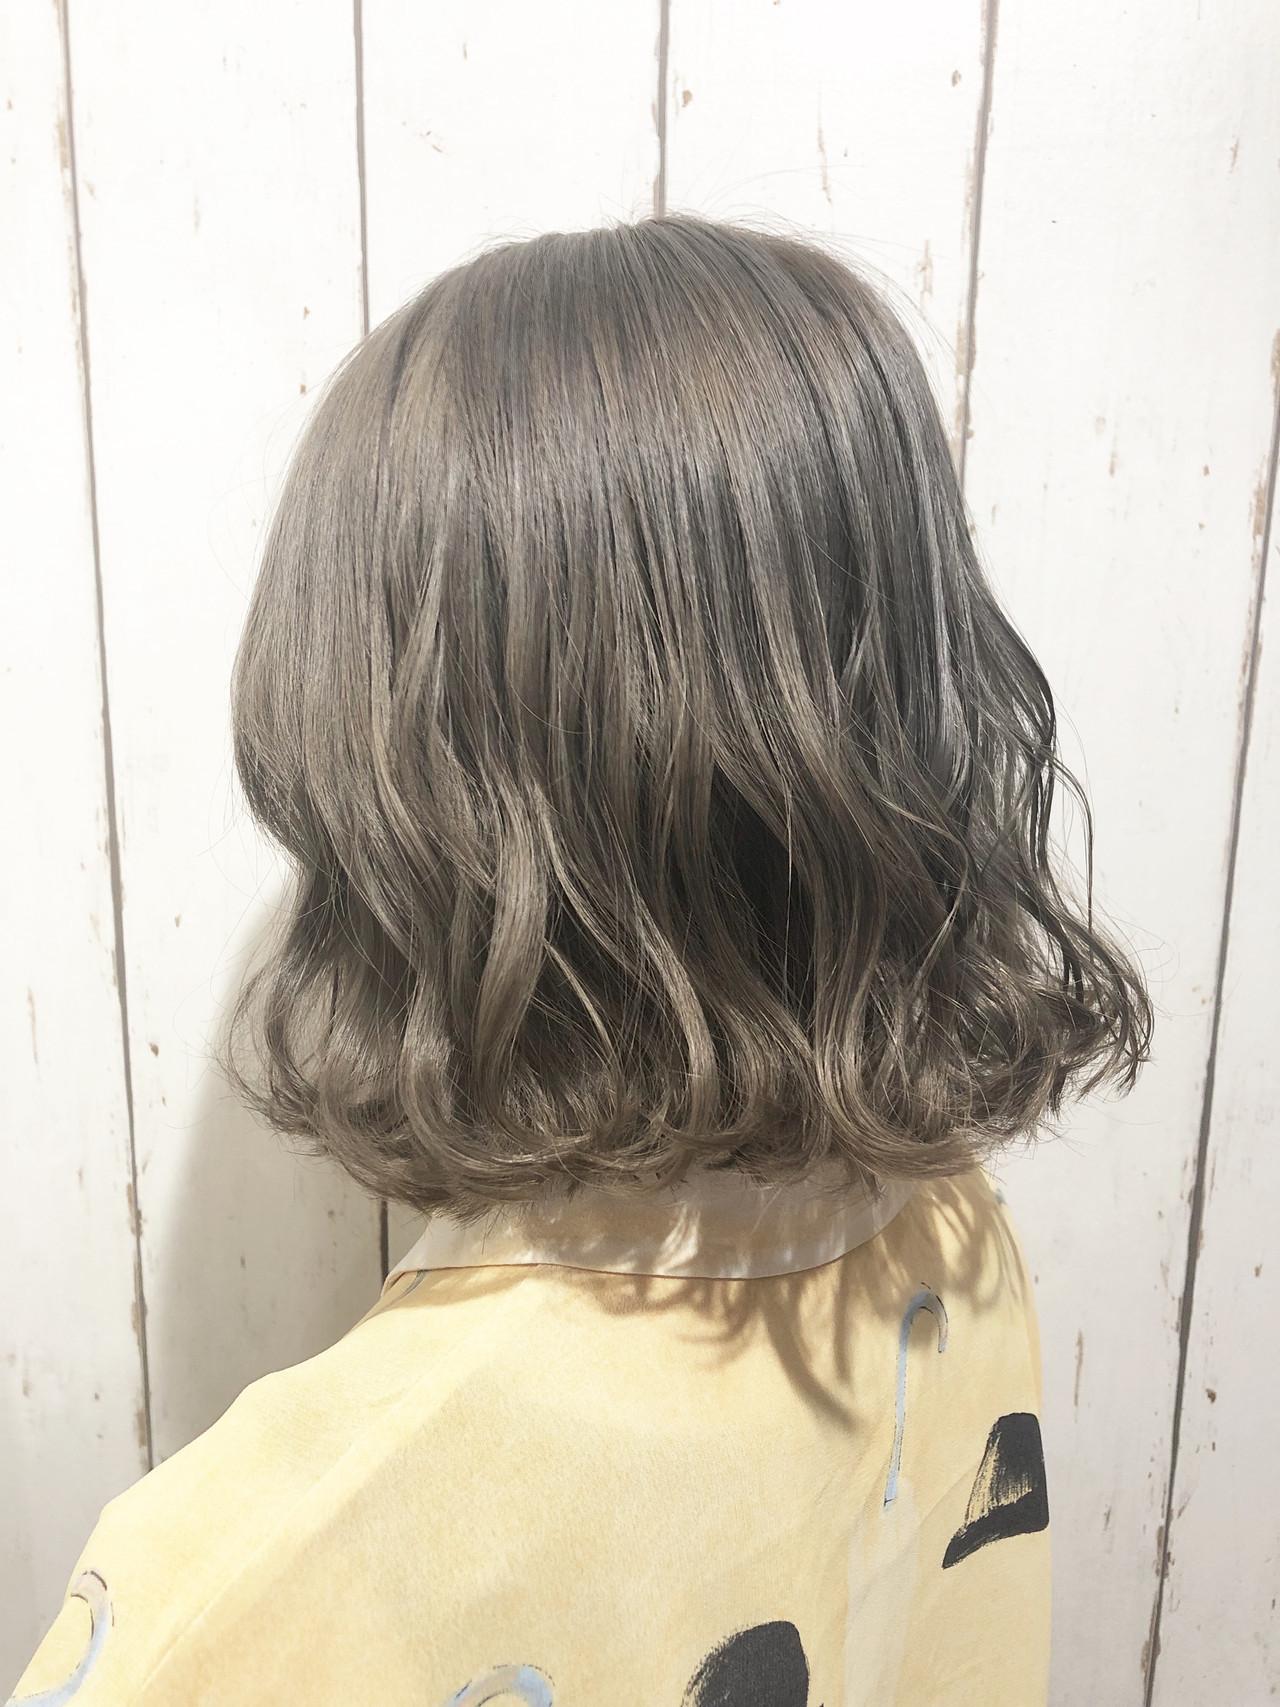 ボブ ブリーチ ホワイトアッシュ ホワイトブリーチ ヘアスタイルや髪型の写真・画像